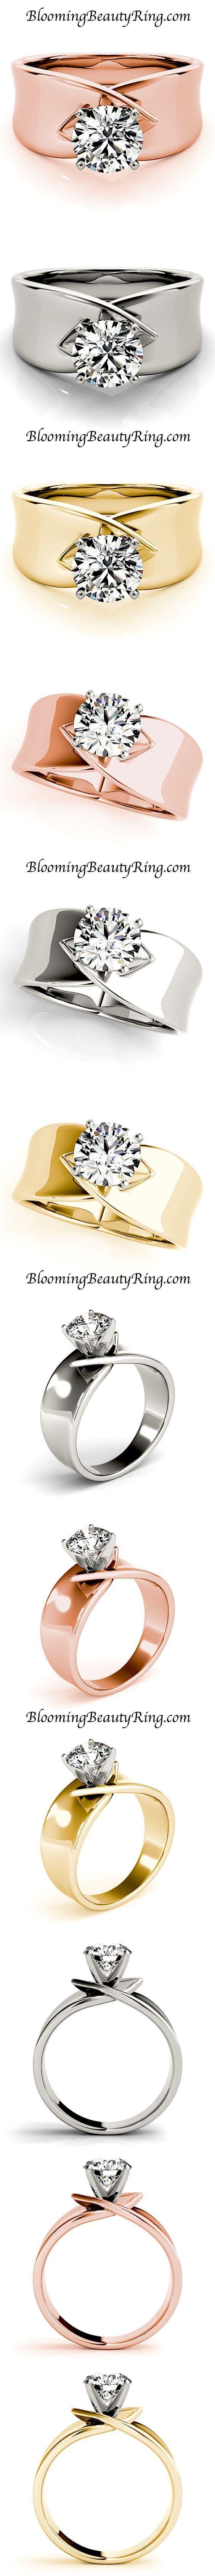 1243 besten Most Popular Engagement Rings Bilder auf Pinterest